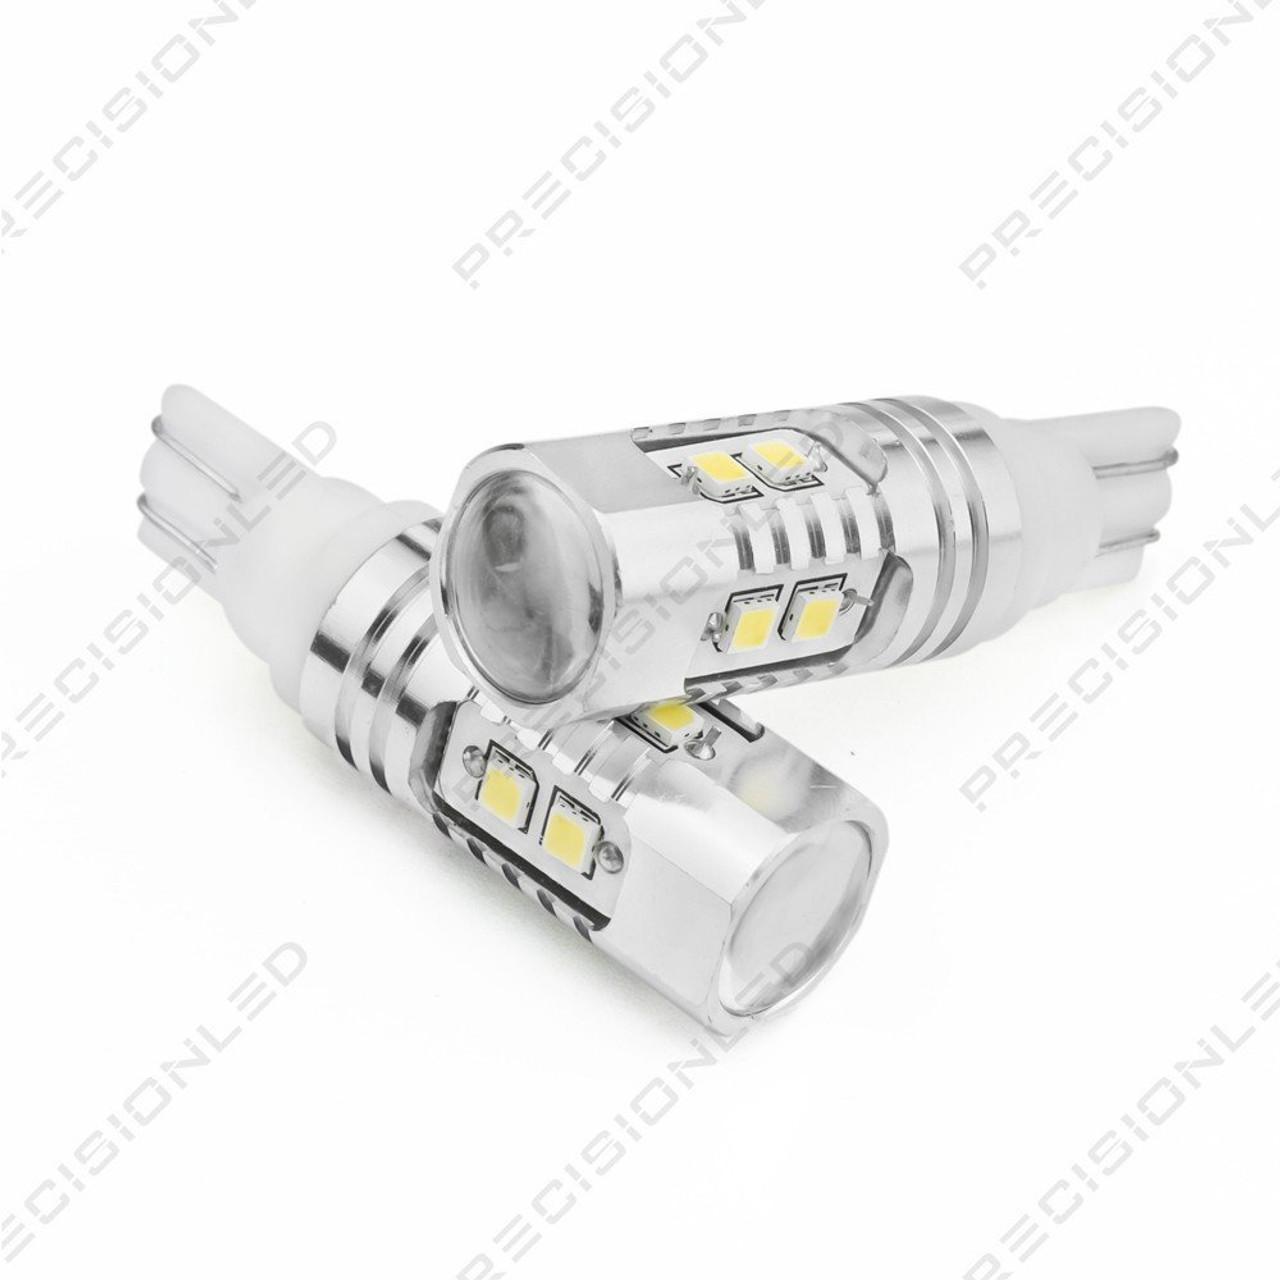 Mazda 626 LED Backup Reverse Lights (1993-1997)